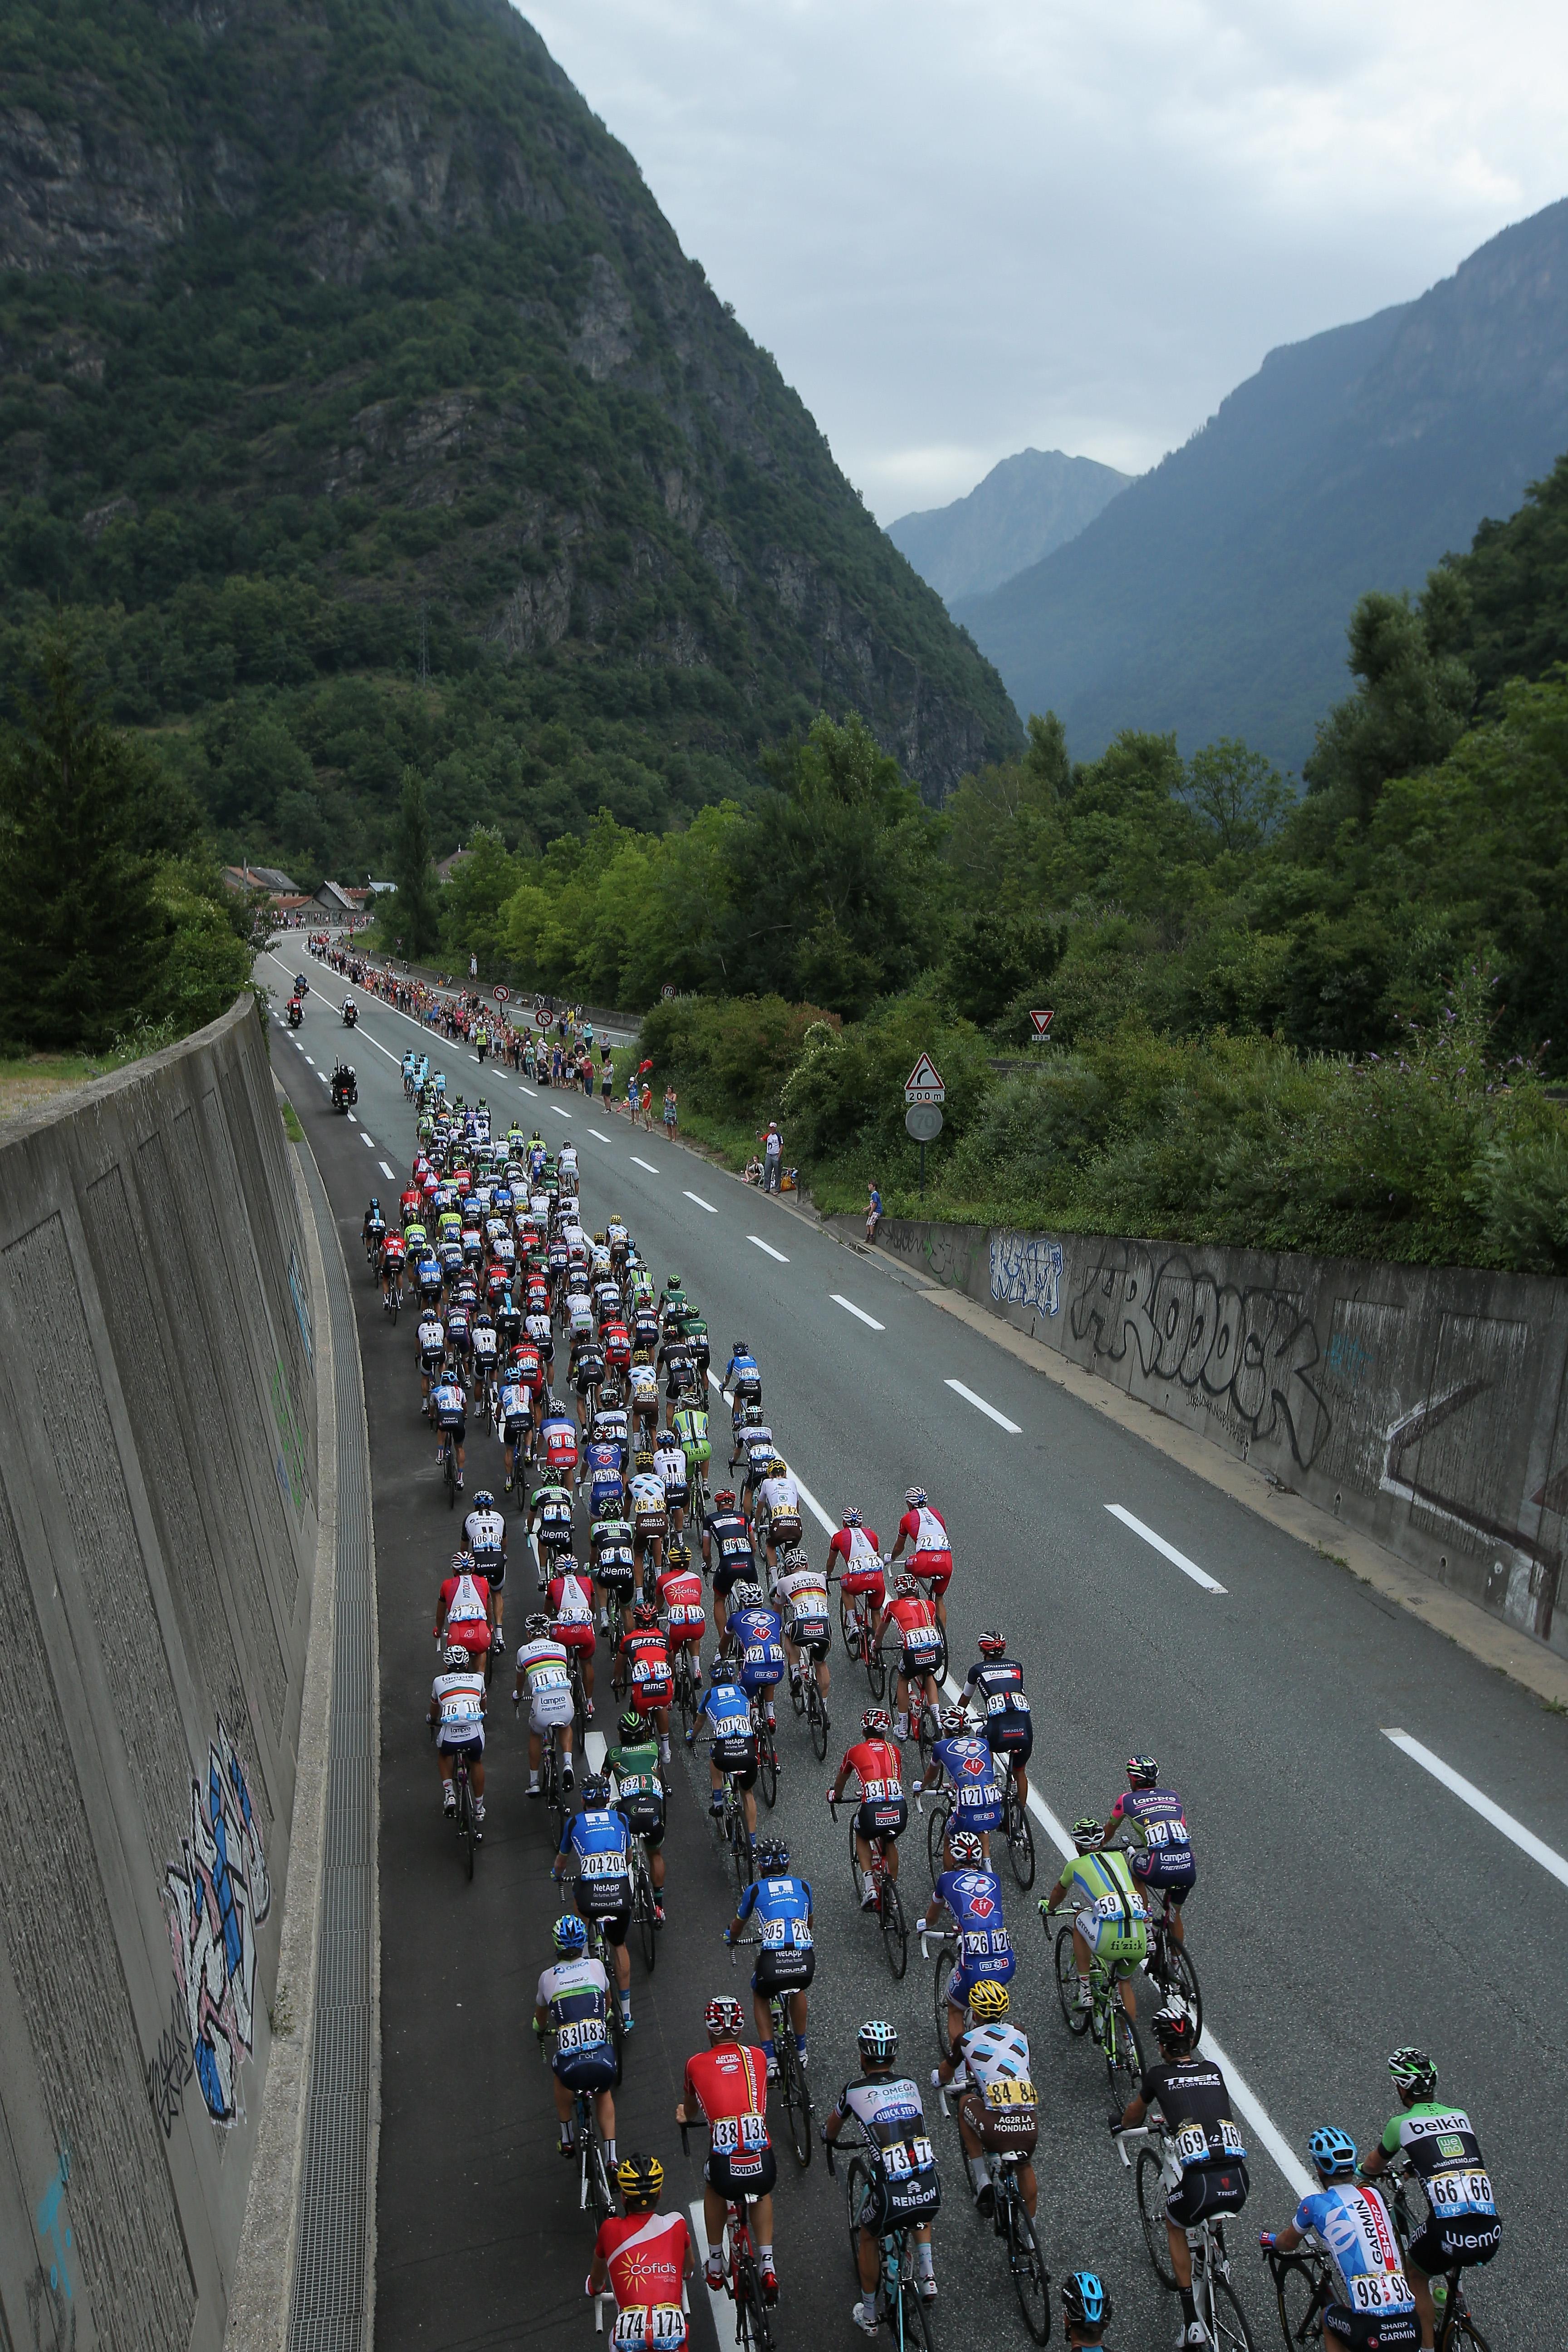 Le Tour de France 2014 - Stage Fourteen